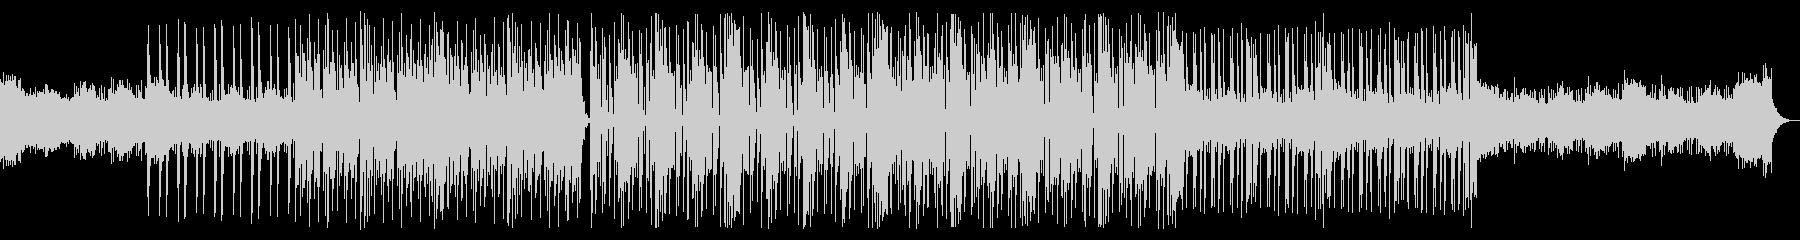 シンプルなドラムンベース_3の未再生の波形